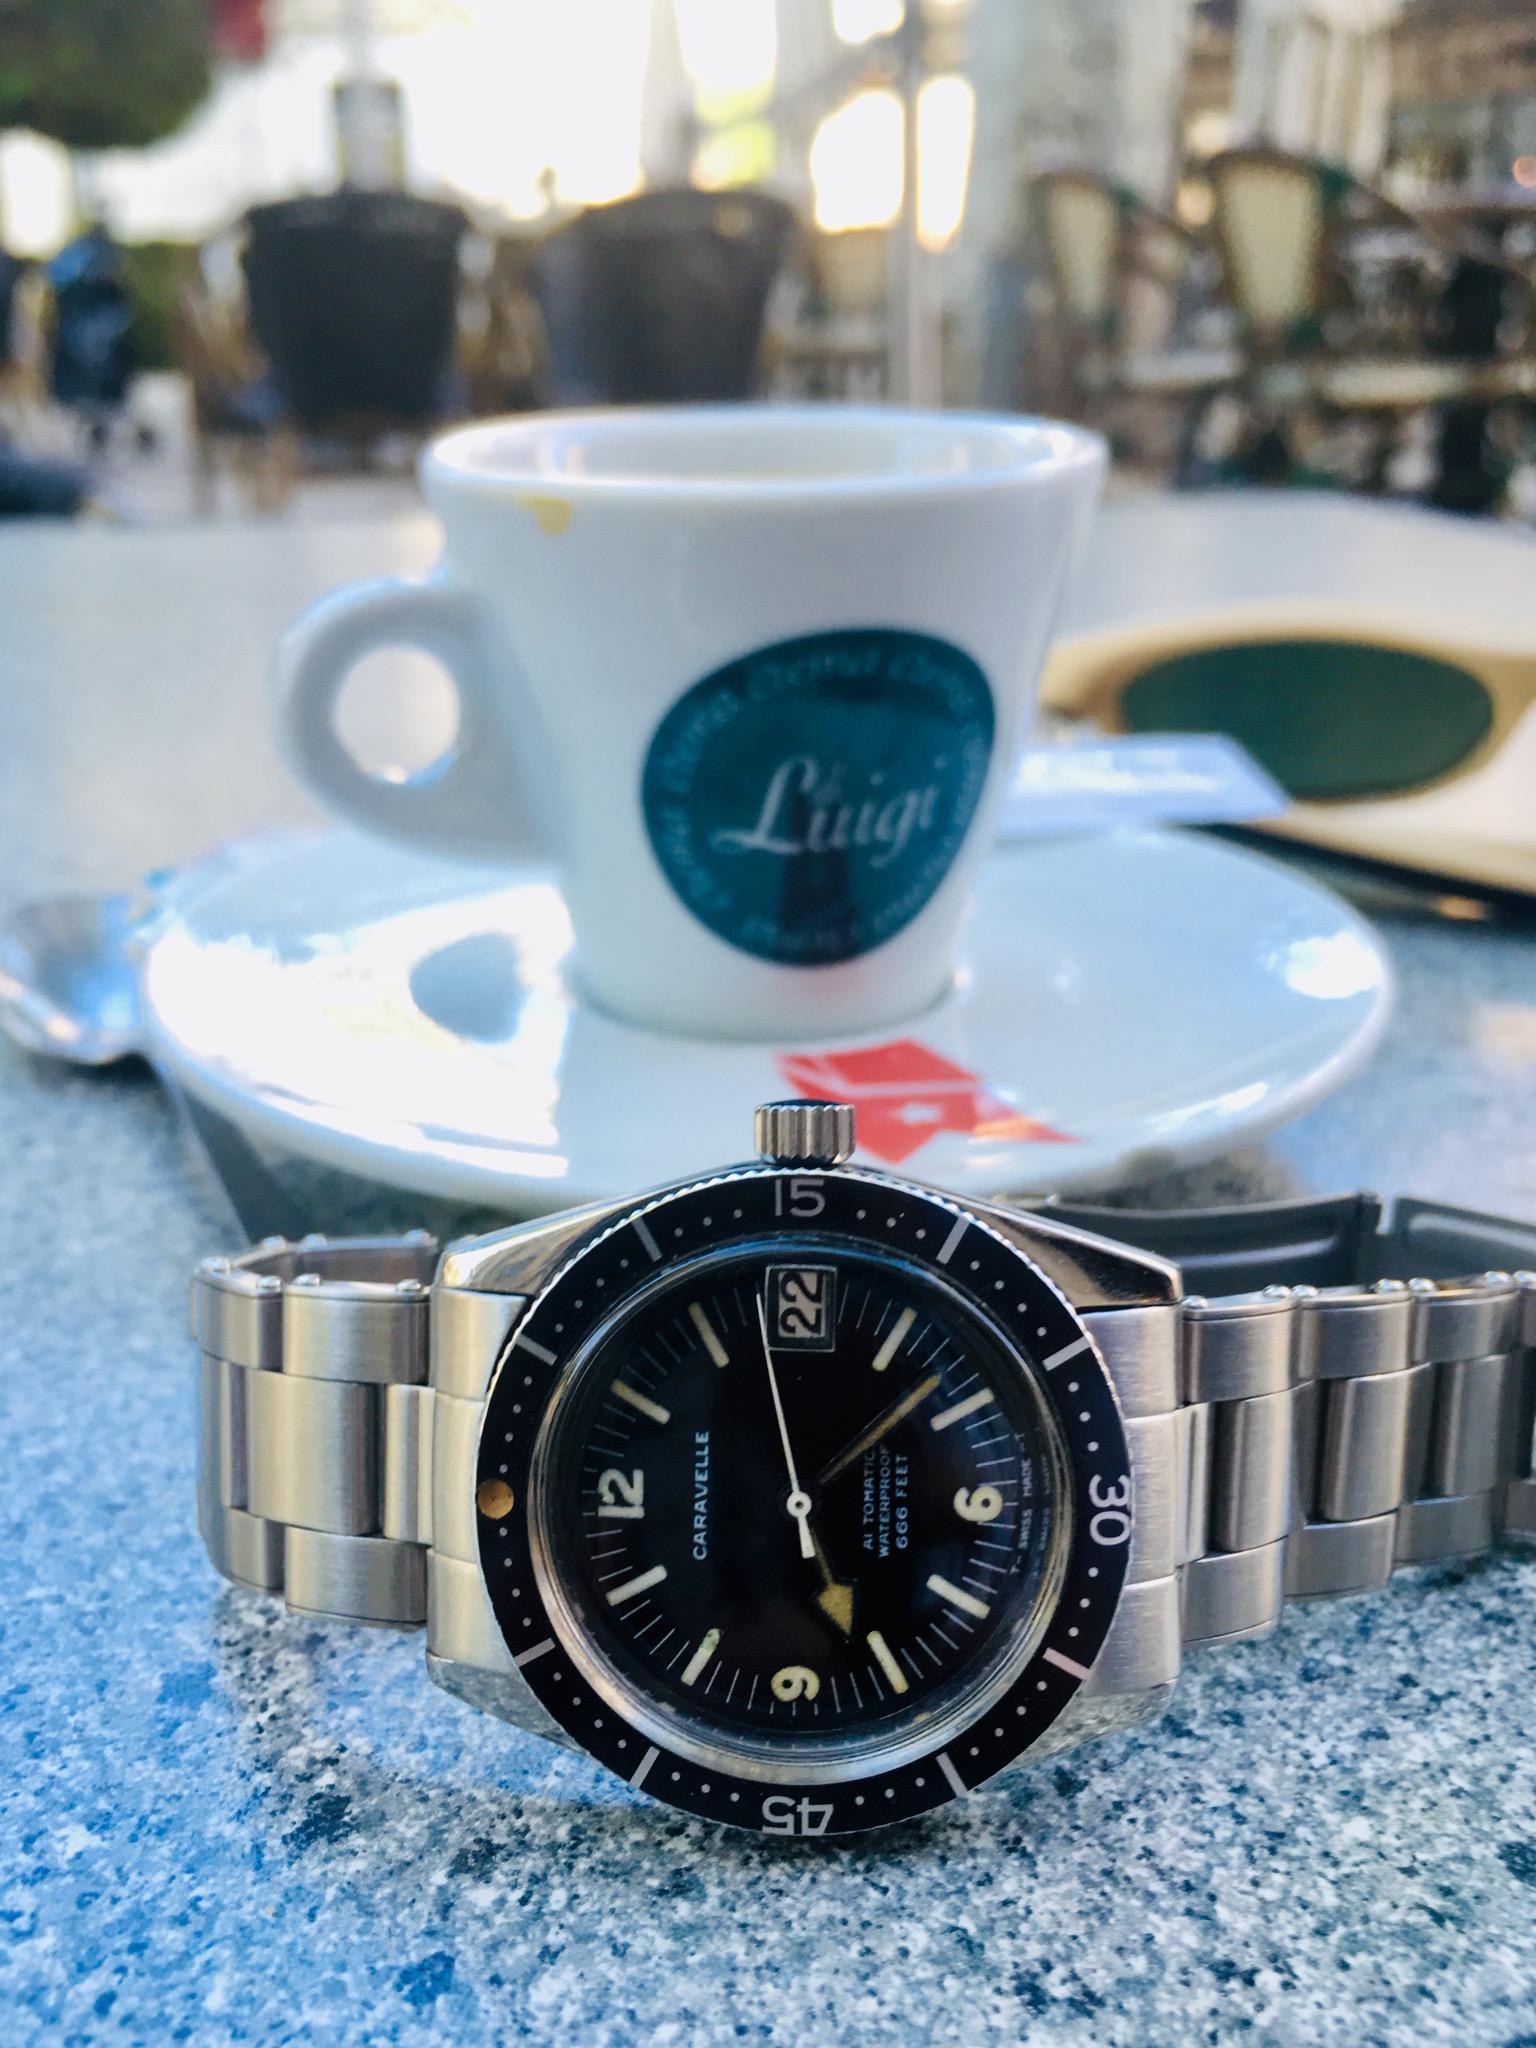 Pause café et montre (toutes marques) - tome III - Page 5 8e2e9870-c2d8-4744-88ab-a600c425d4bb-jpeg